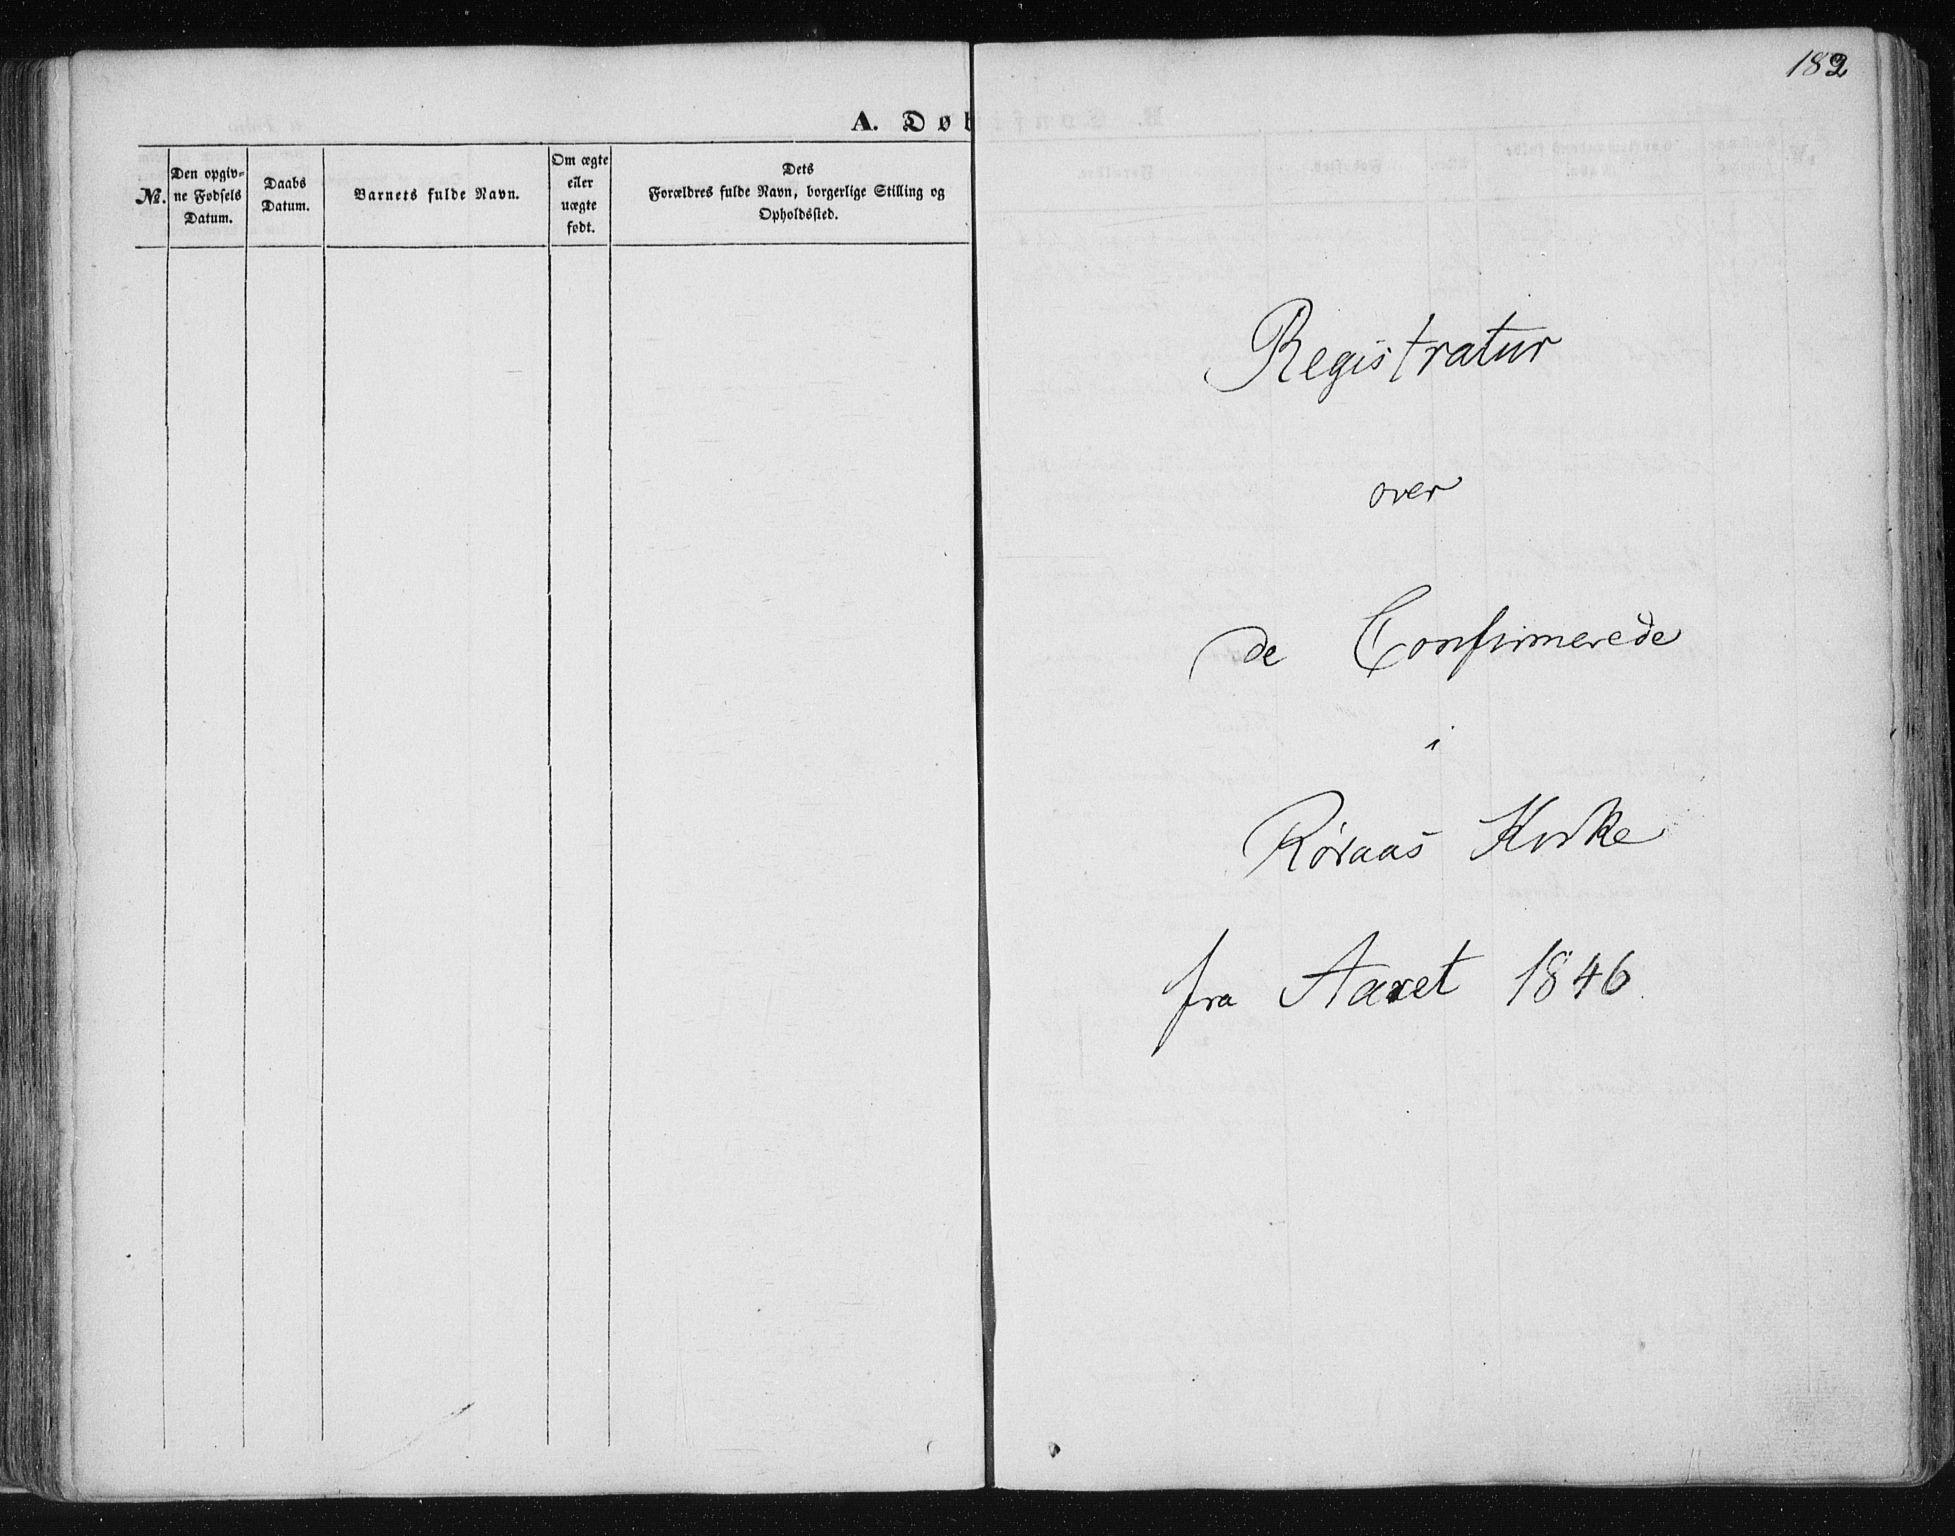 SAT, Ministerialprotokoller, klokkerbøker og fødselsregistre - Sør-Trøndelag, 681/L0931: Ministerialbok nr. 681A09, 1845-1859, s. 182